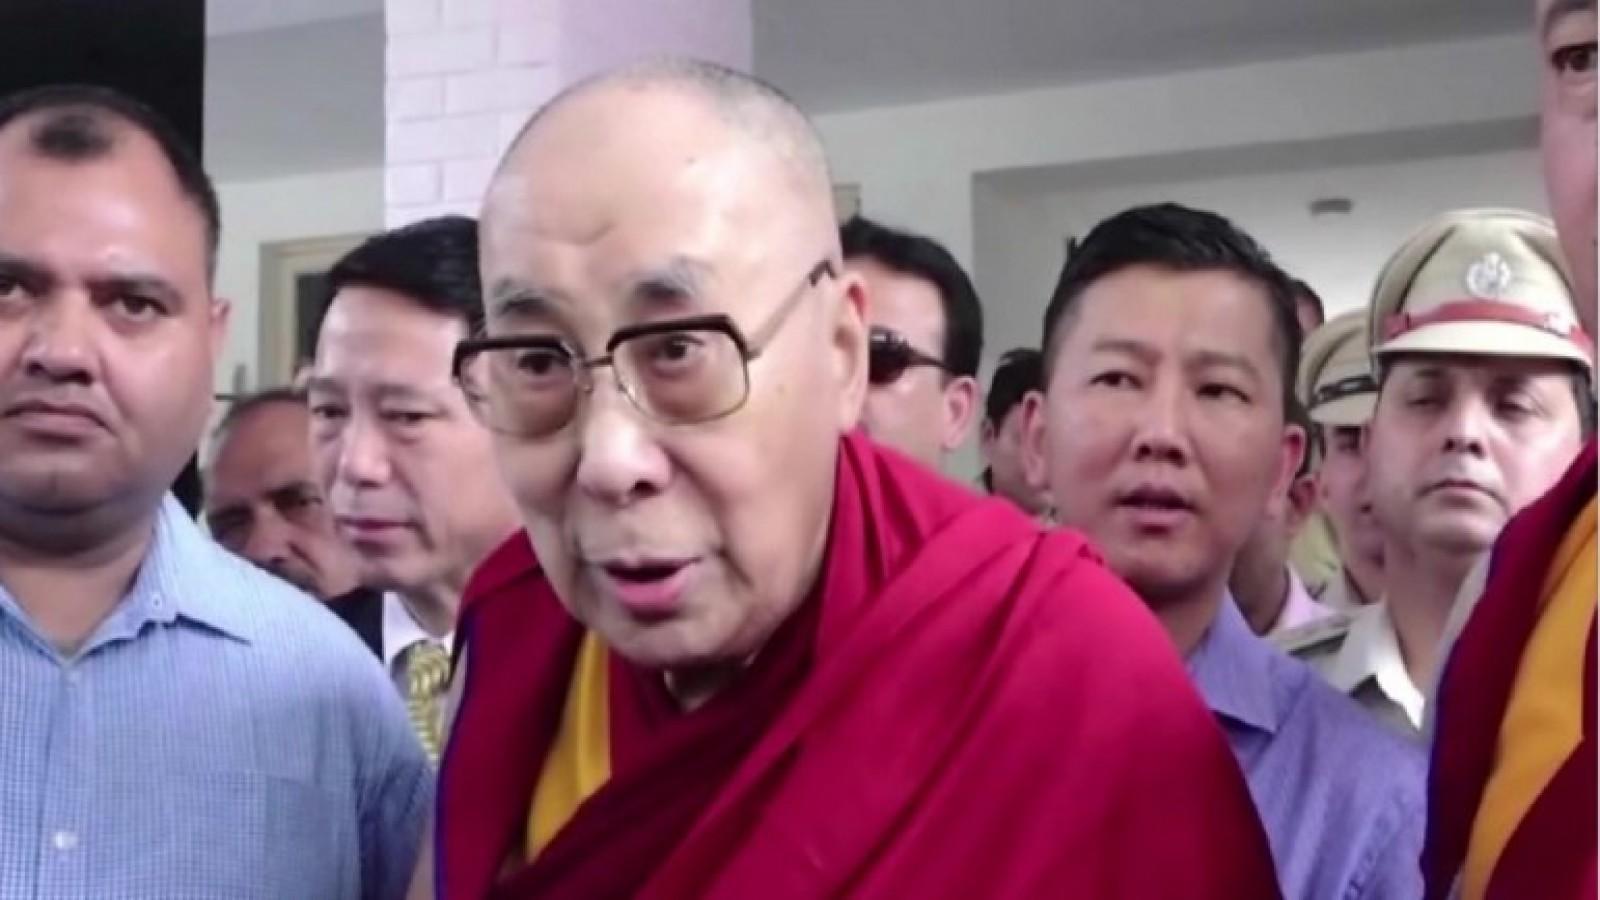 im-a-refugee-but-enjoy-indias-freedom-says-dalai-lama